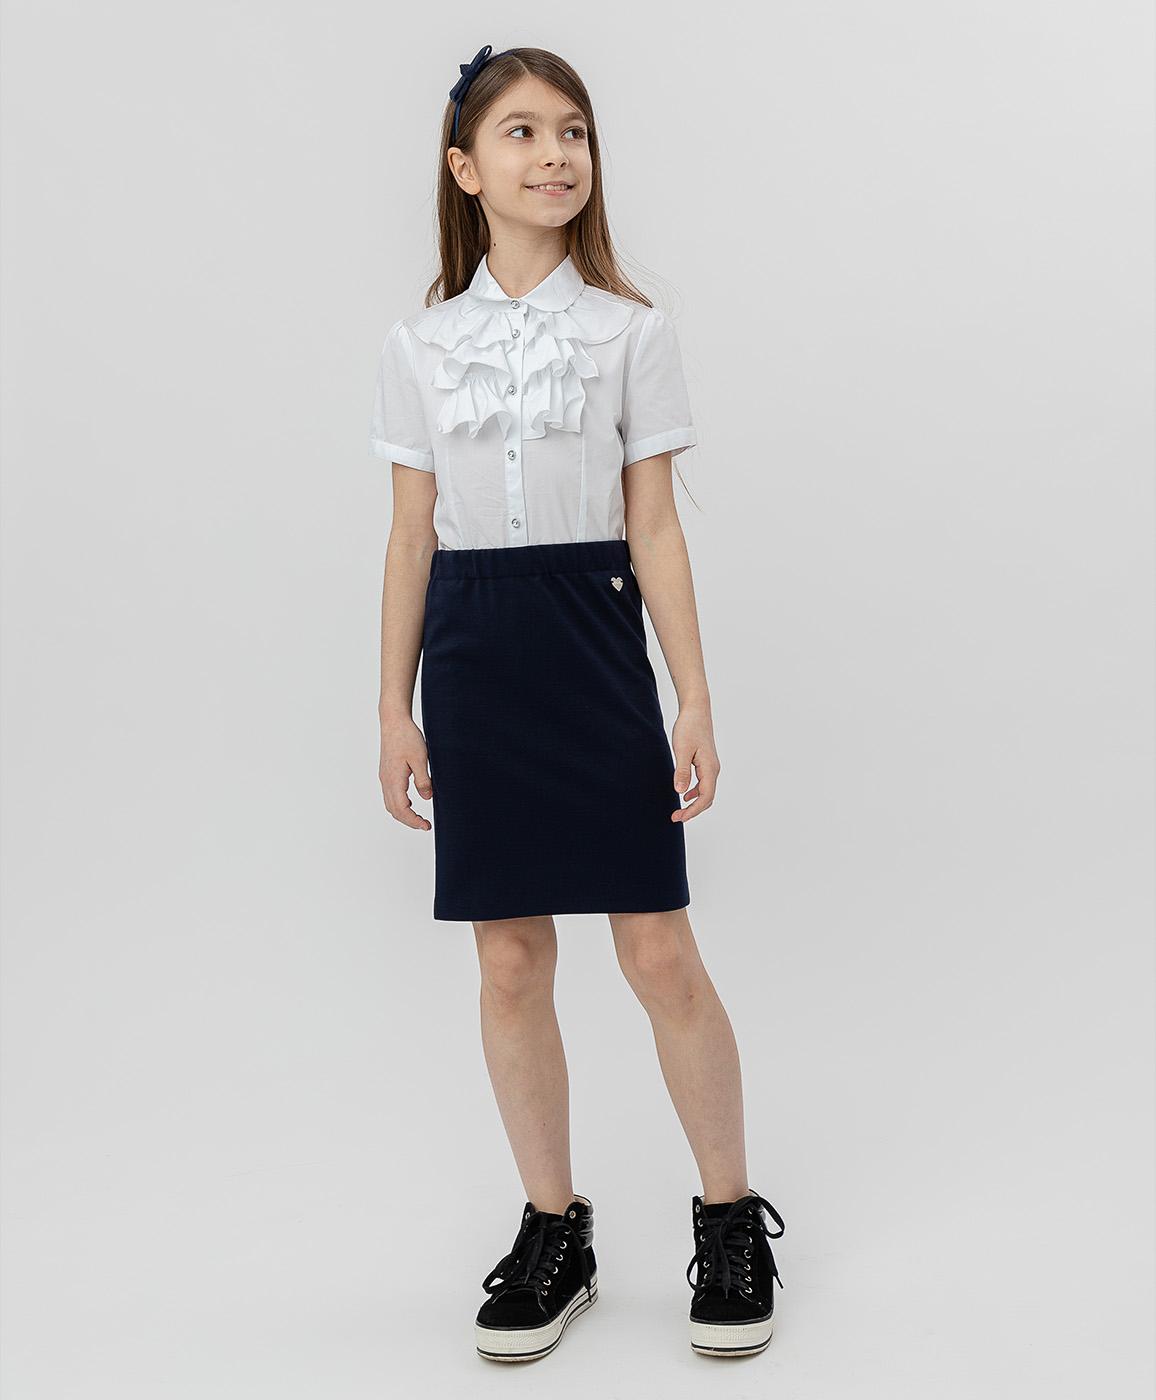 Купить 220BBGS55011000, Синяя юбка Button Blue, синий, 152, Джерси, Женский, Демисезон, ШКОЛЬНАЯ ФОРМА 2020-2021 (shop: GulliverMarket Gulliver Market)